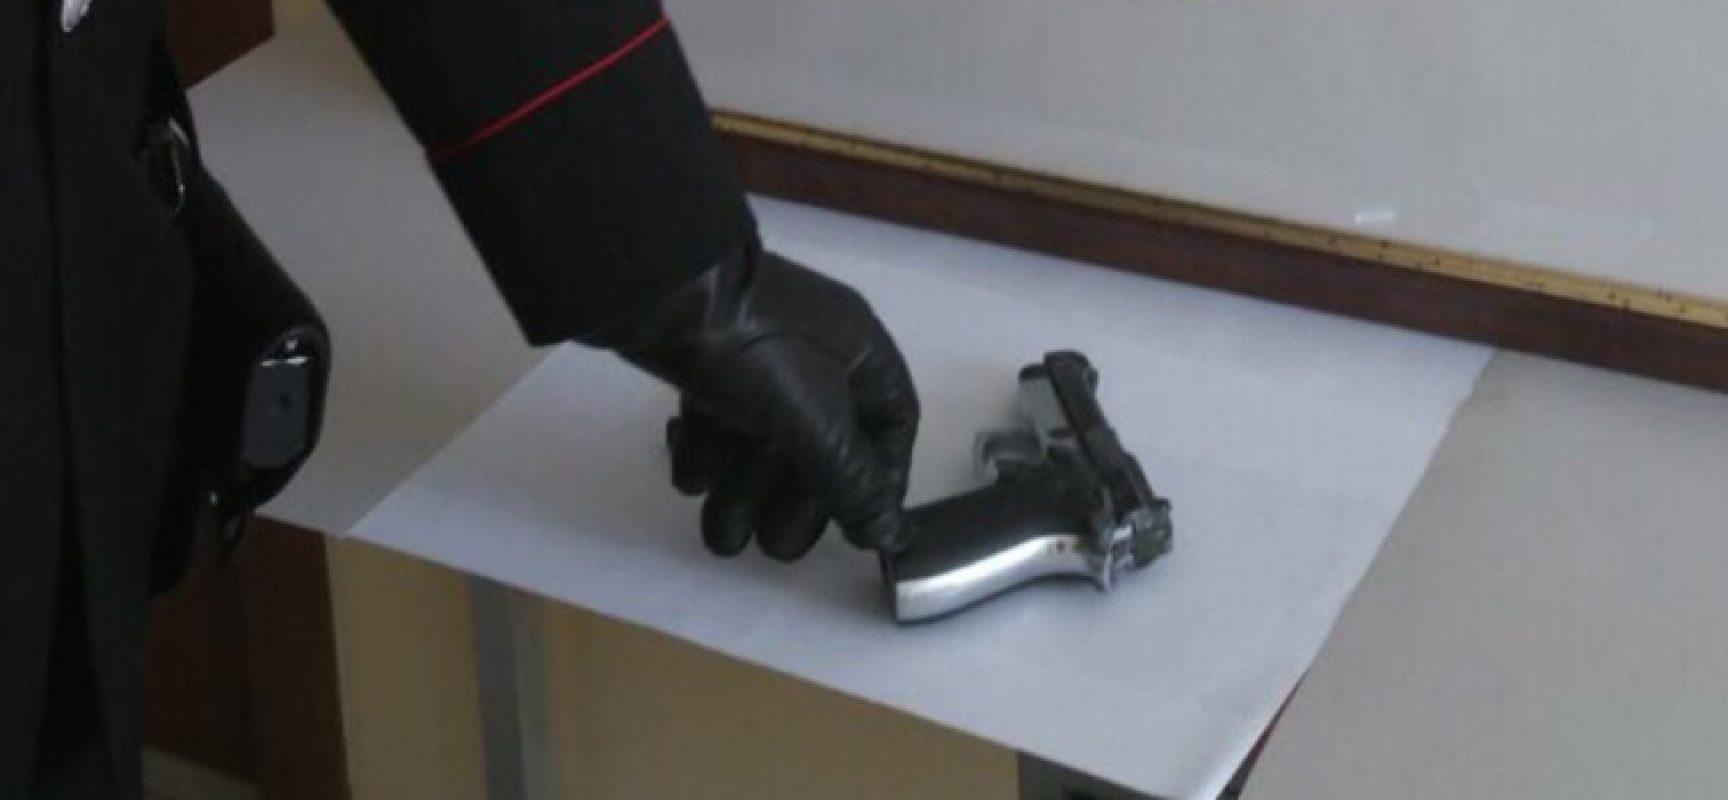 Pistola nel box, arrestato 19enne già noto alle forze dell'ordine